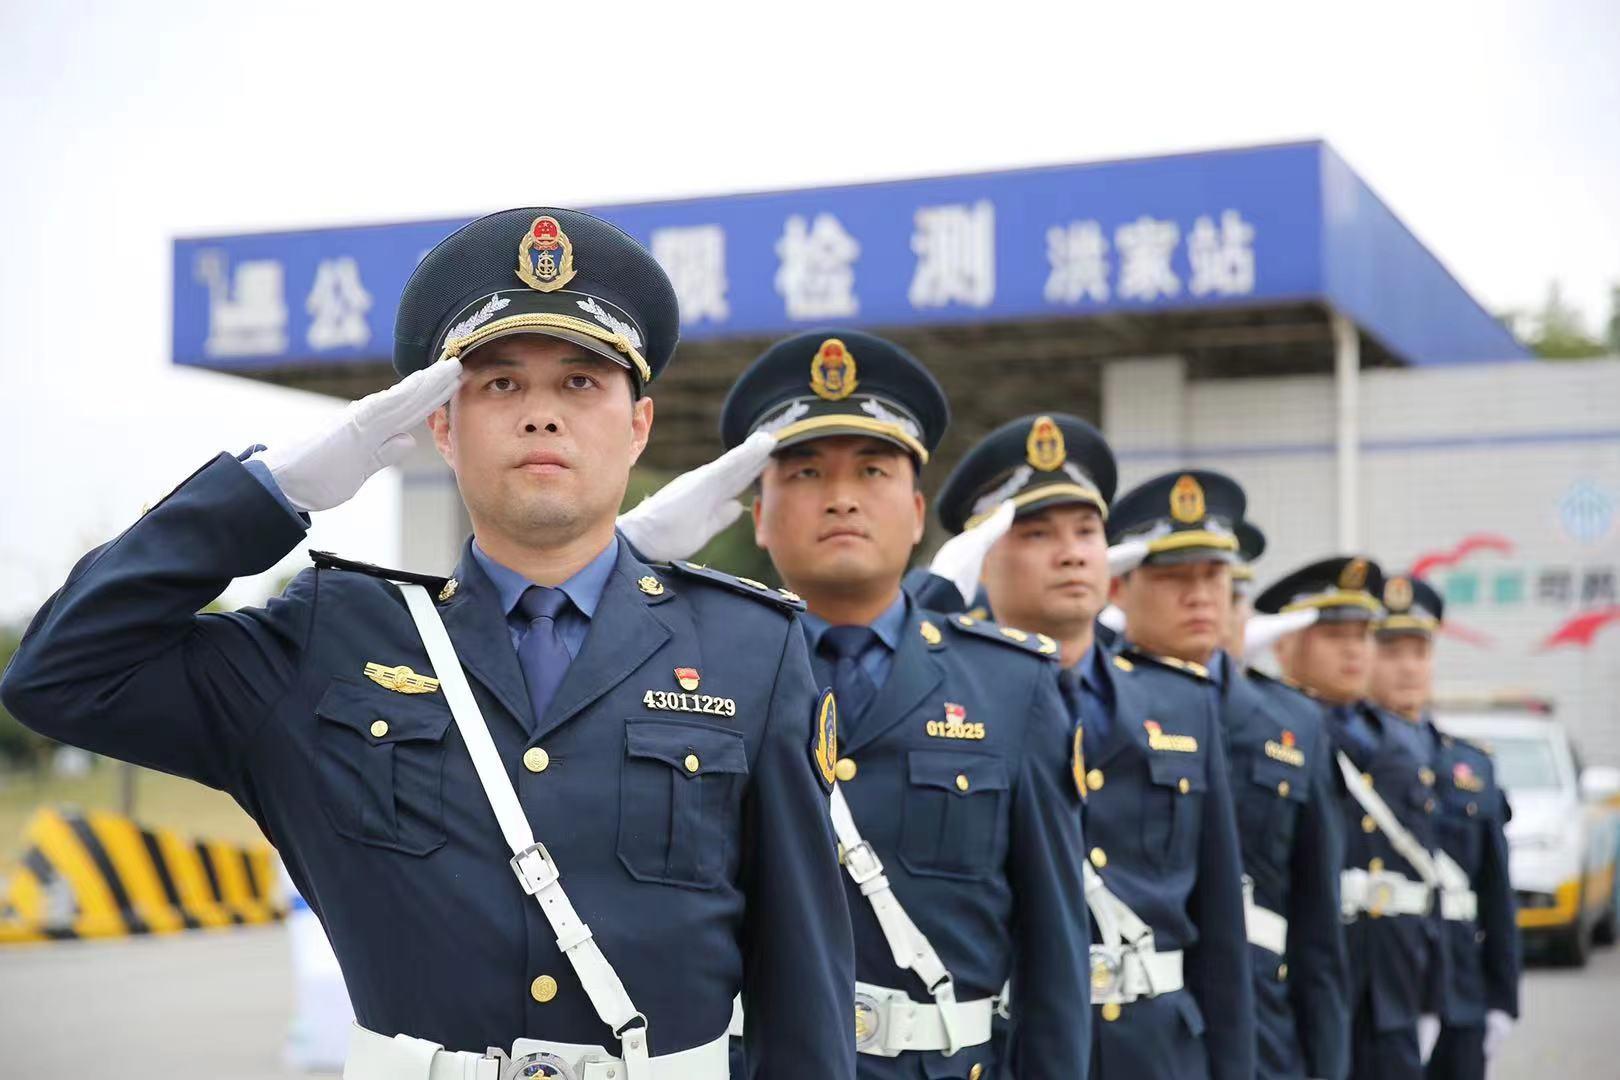 雷锋式交通执法队伍长啥样?来看看100多名交通人如何大练兵!